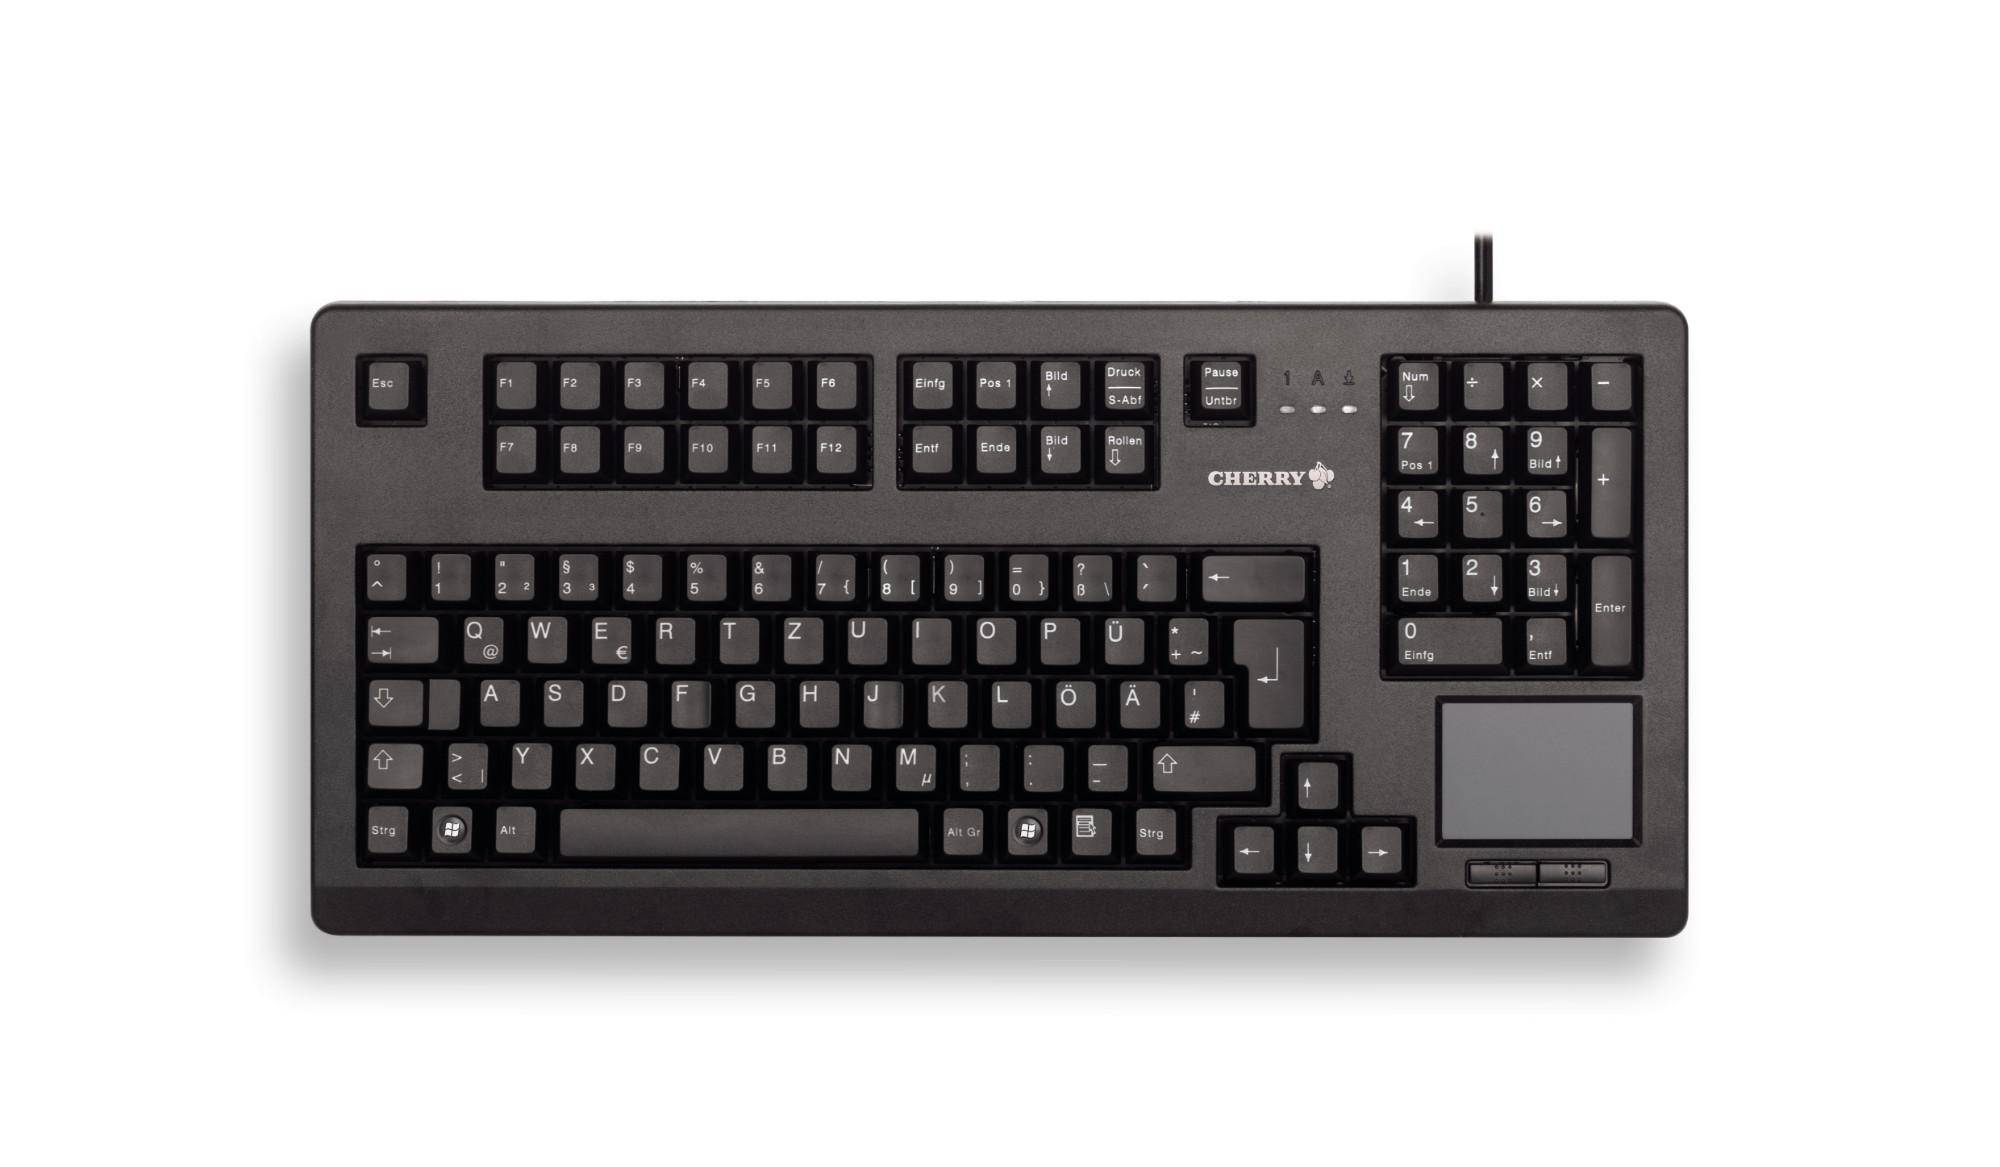 CHERRY TouchBoard G80-11900 USB QWERTY English Black